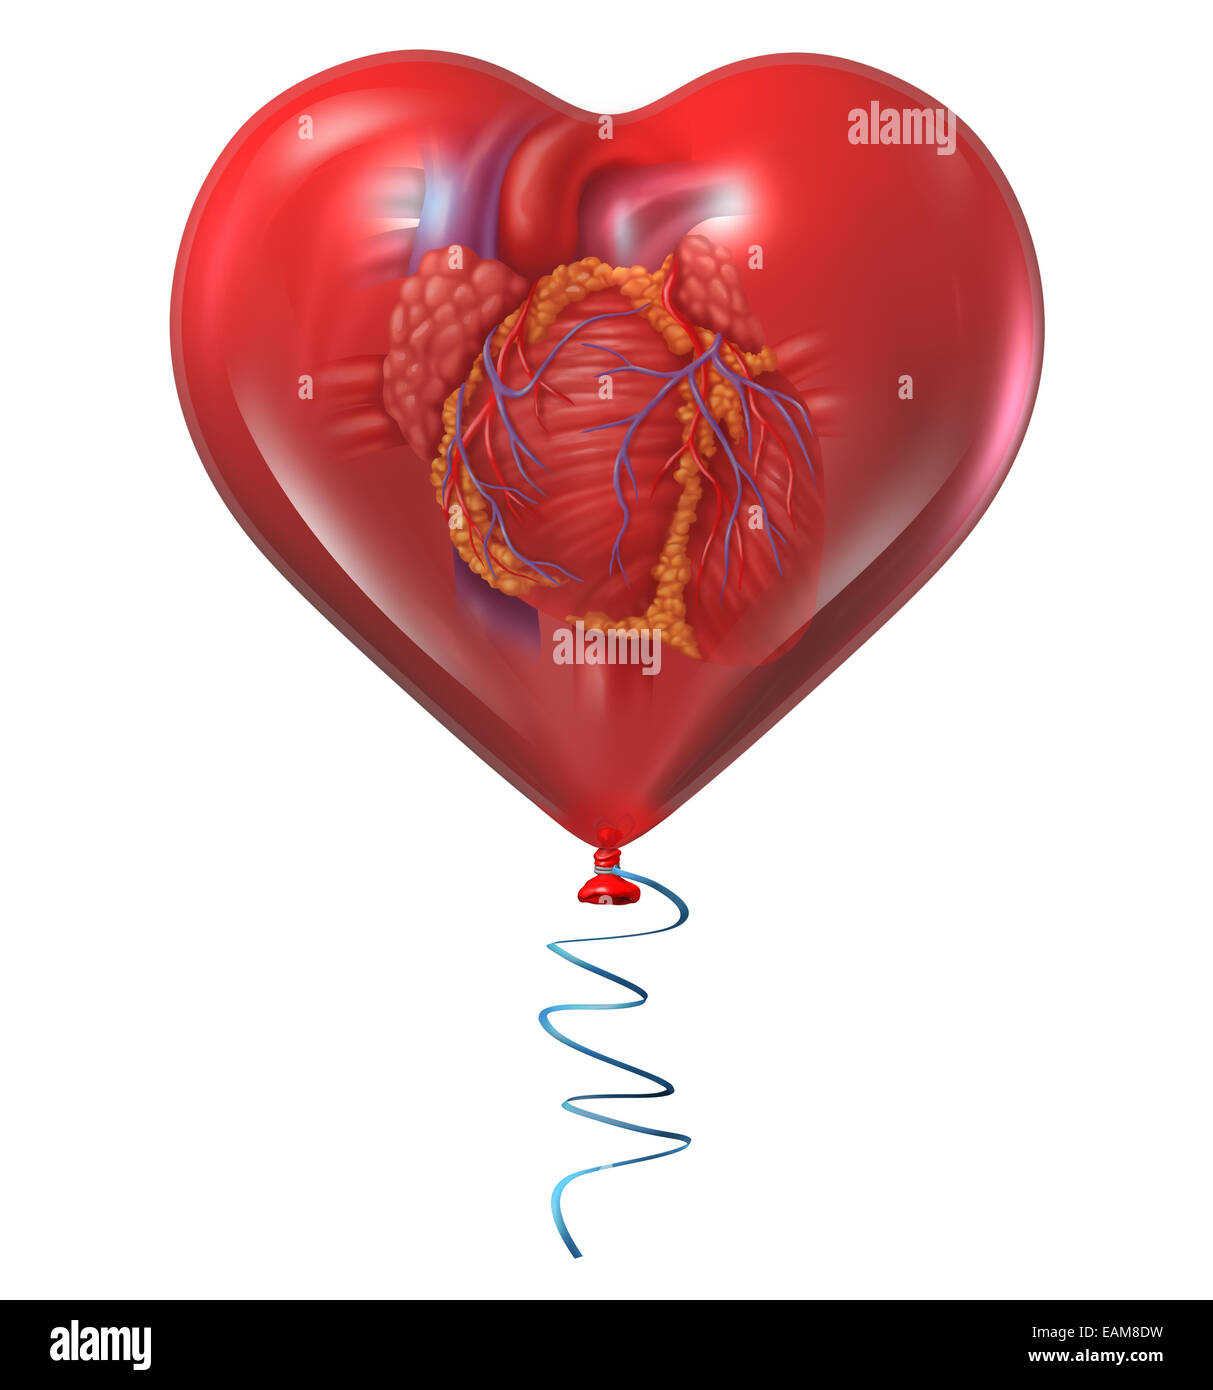 Concepto de salud y médicos de Corazón el símbolo con un órgano anatómico humano dentro Imagen De Stock